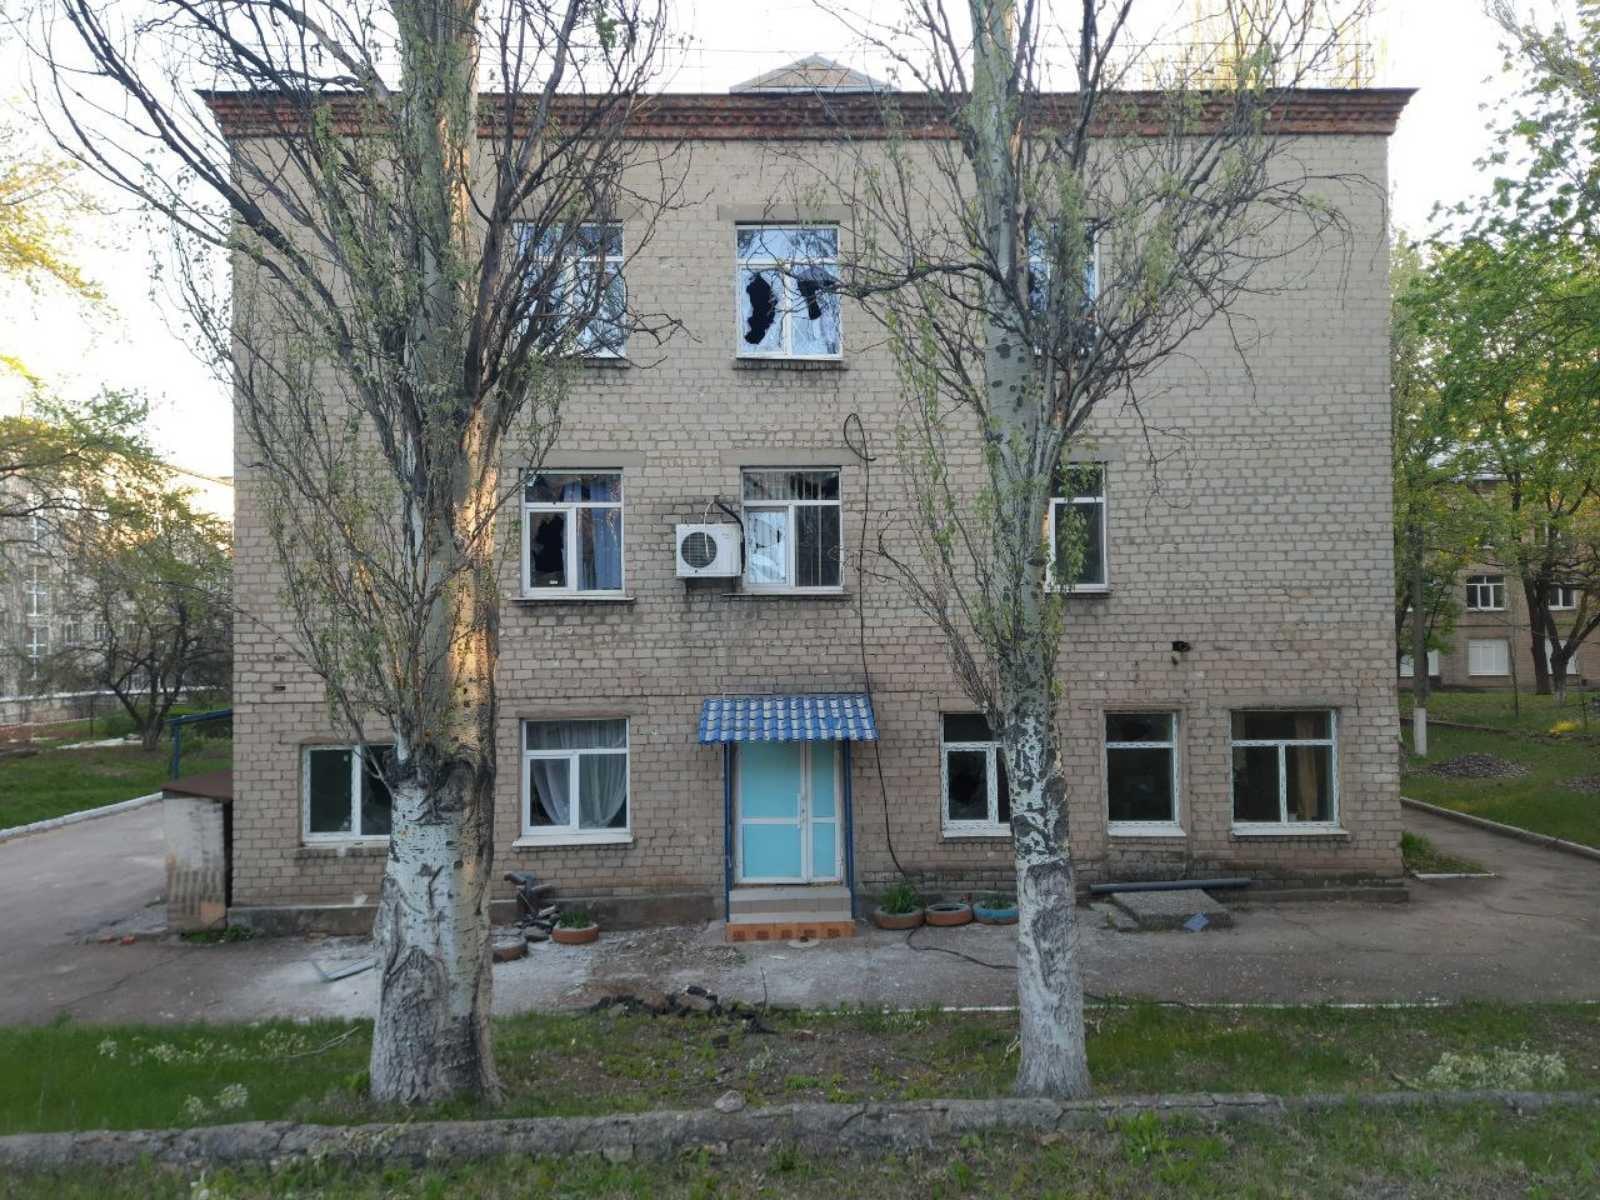 Обострение на Донбассе: оккупанты открыли огонь по ковидной больнице (ФОТО) - фото 2